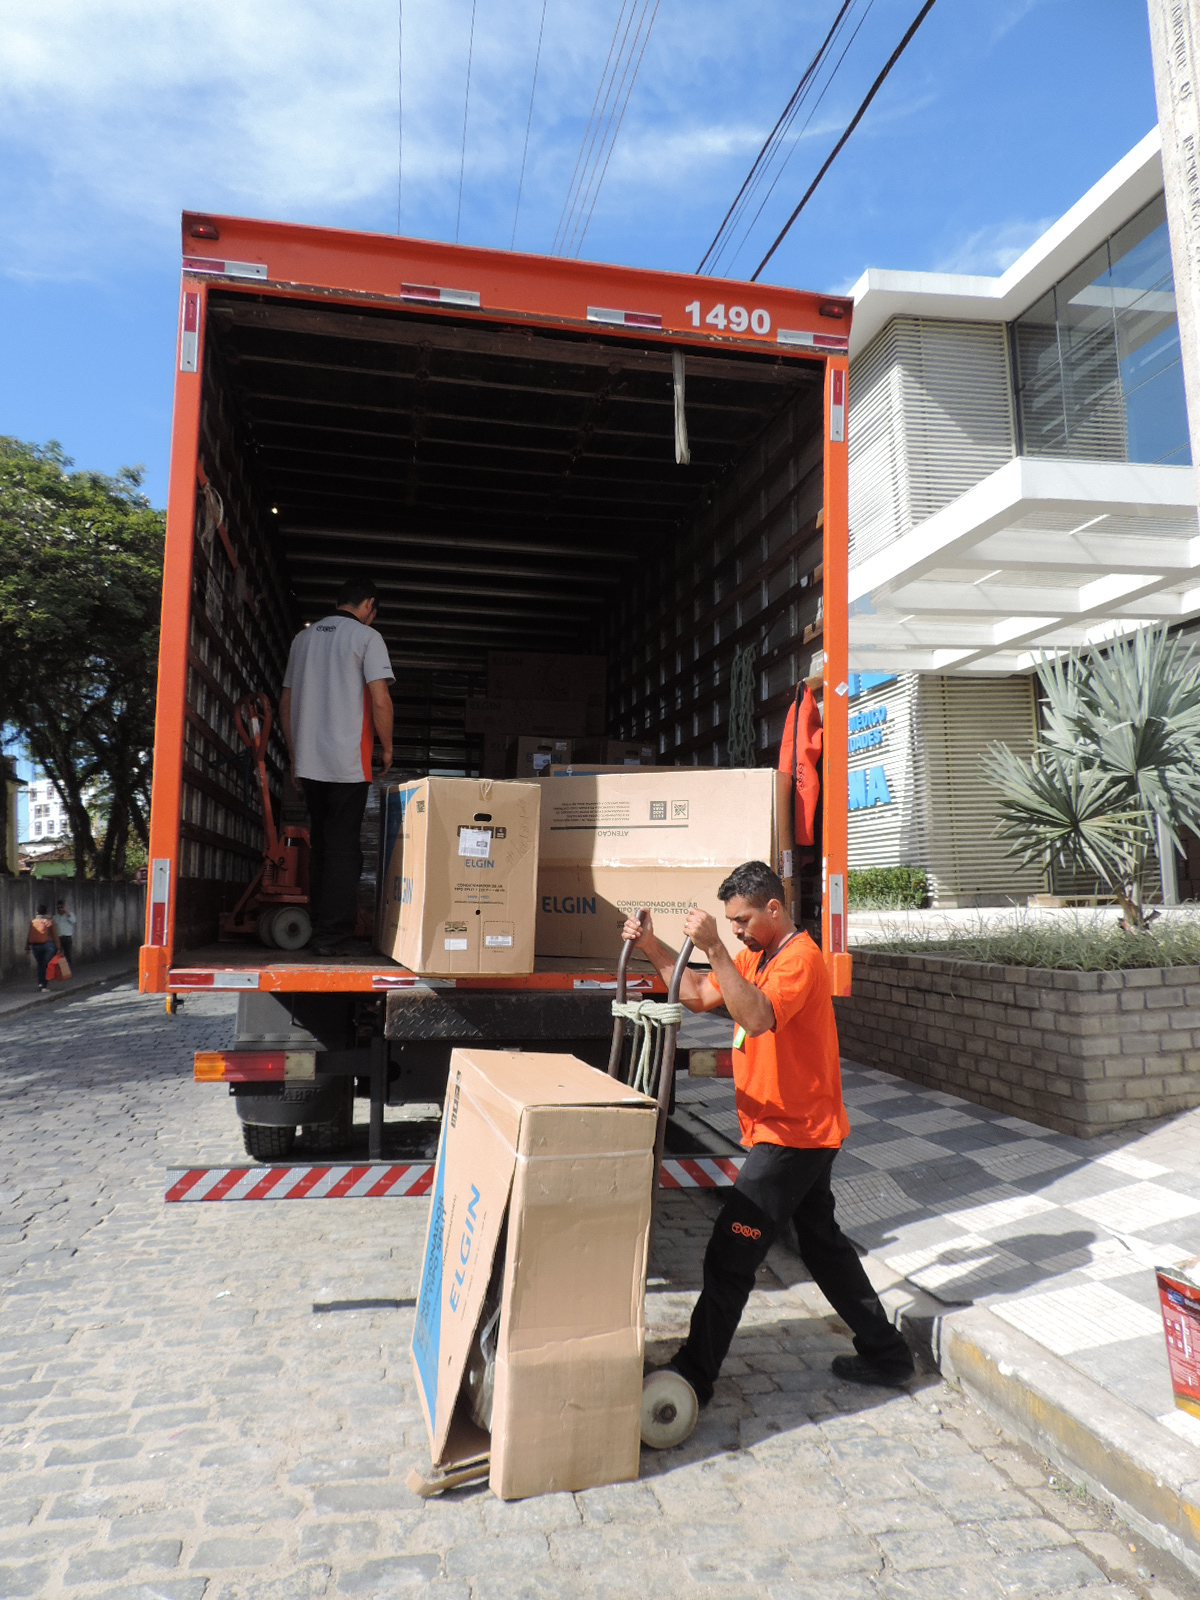 AME de Lorena recebe equipamentos e mobília para estrutura; obra ainda sem previsão de inauguração (Foto: Lucas Barbosa)